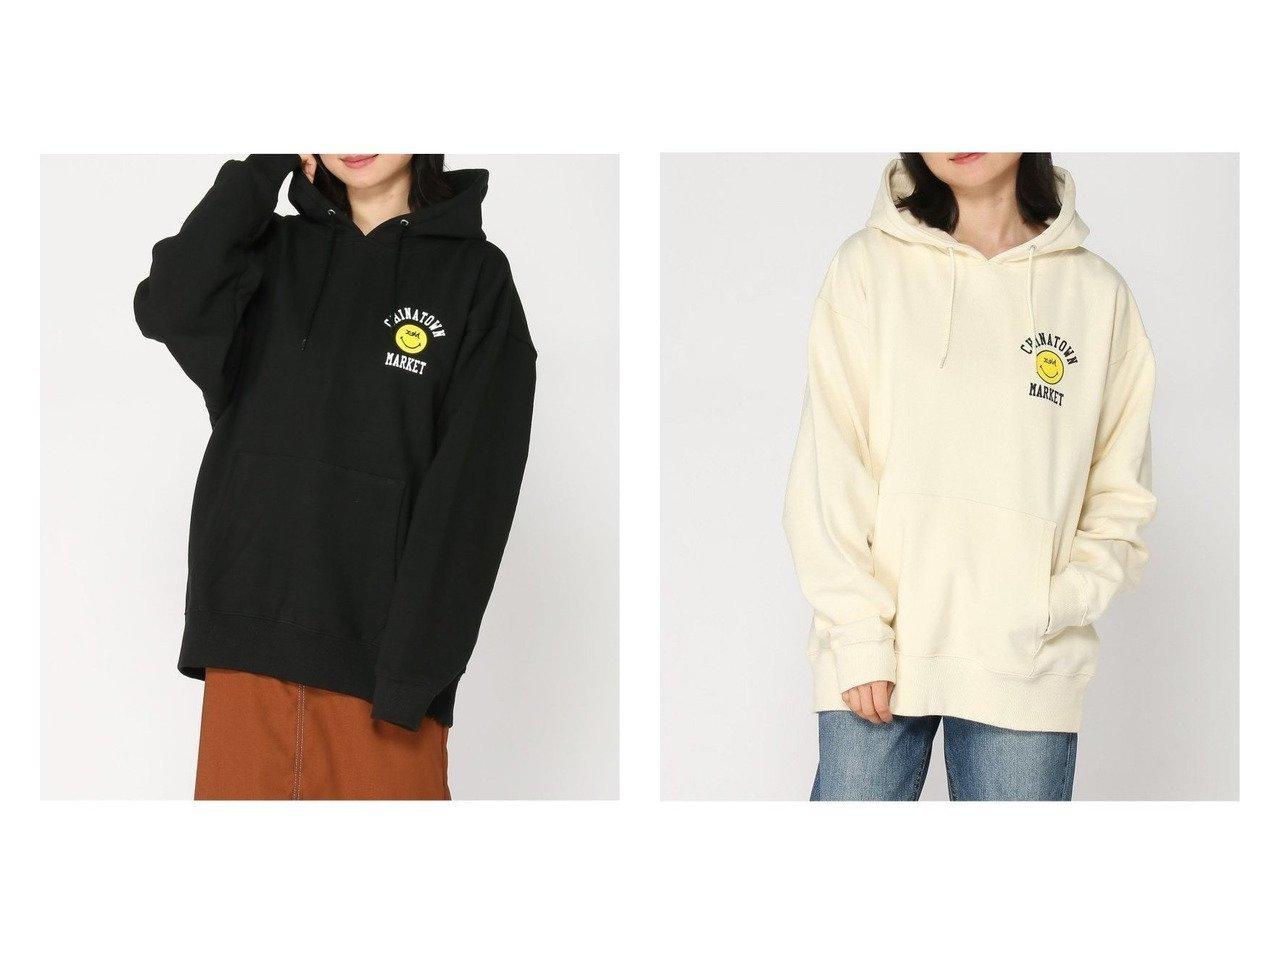 【X-girl/エックスガール】のCTM WINKY SWT HOOD 【トップス・カットソー】おすすめ!人気、トレンド・レディースファッションの通販 | レディースファッション・服の通販 founy(ファニー)